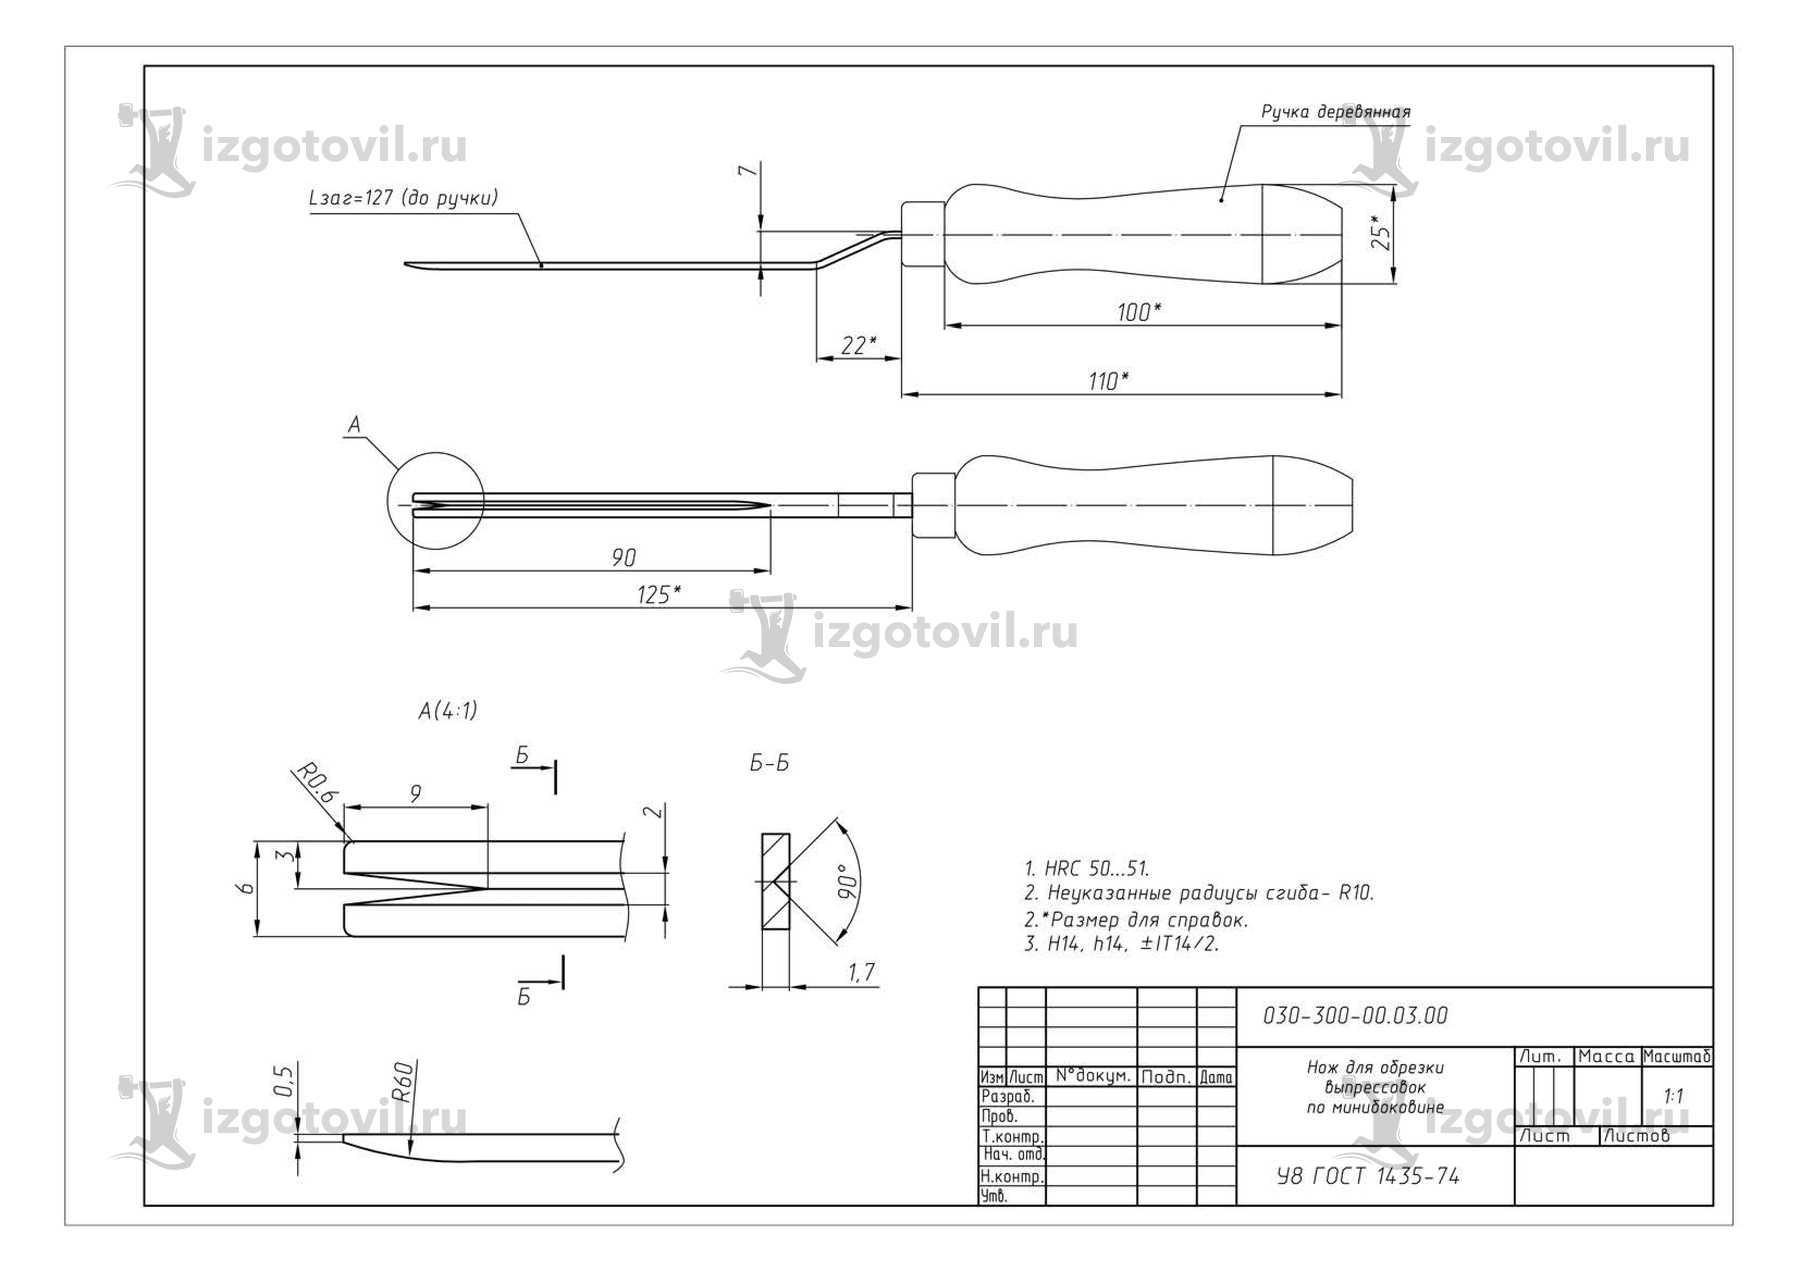 Изготовление деталей на заказ (нож)